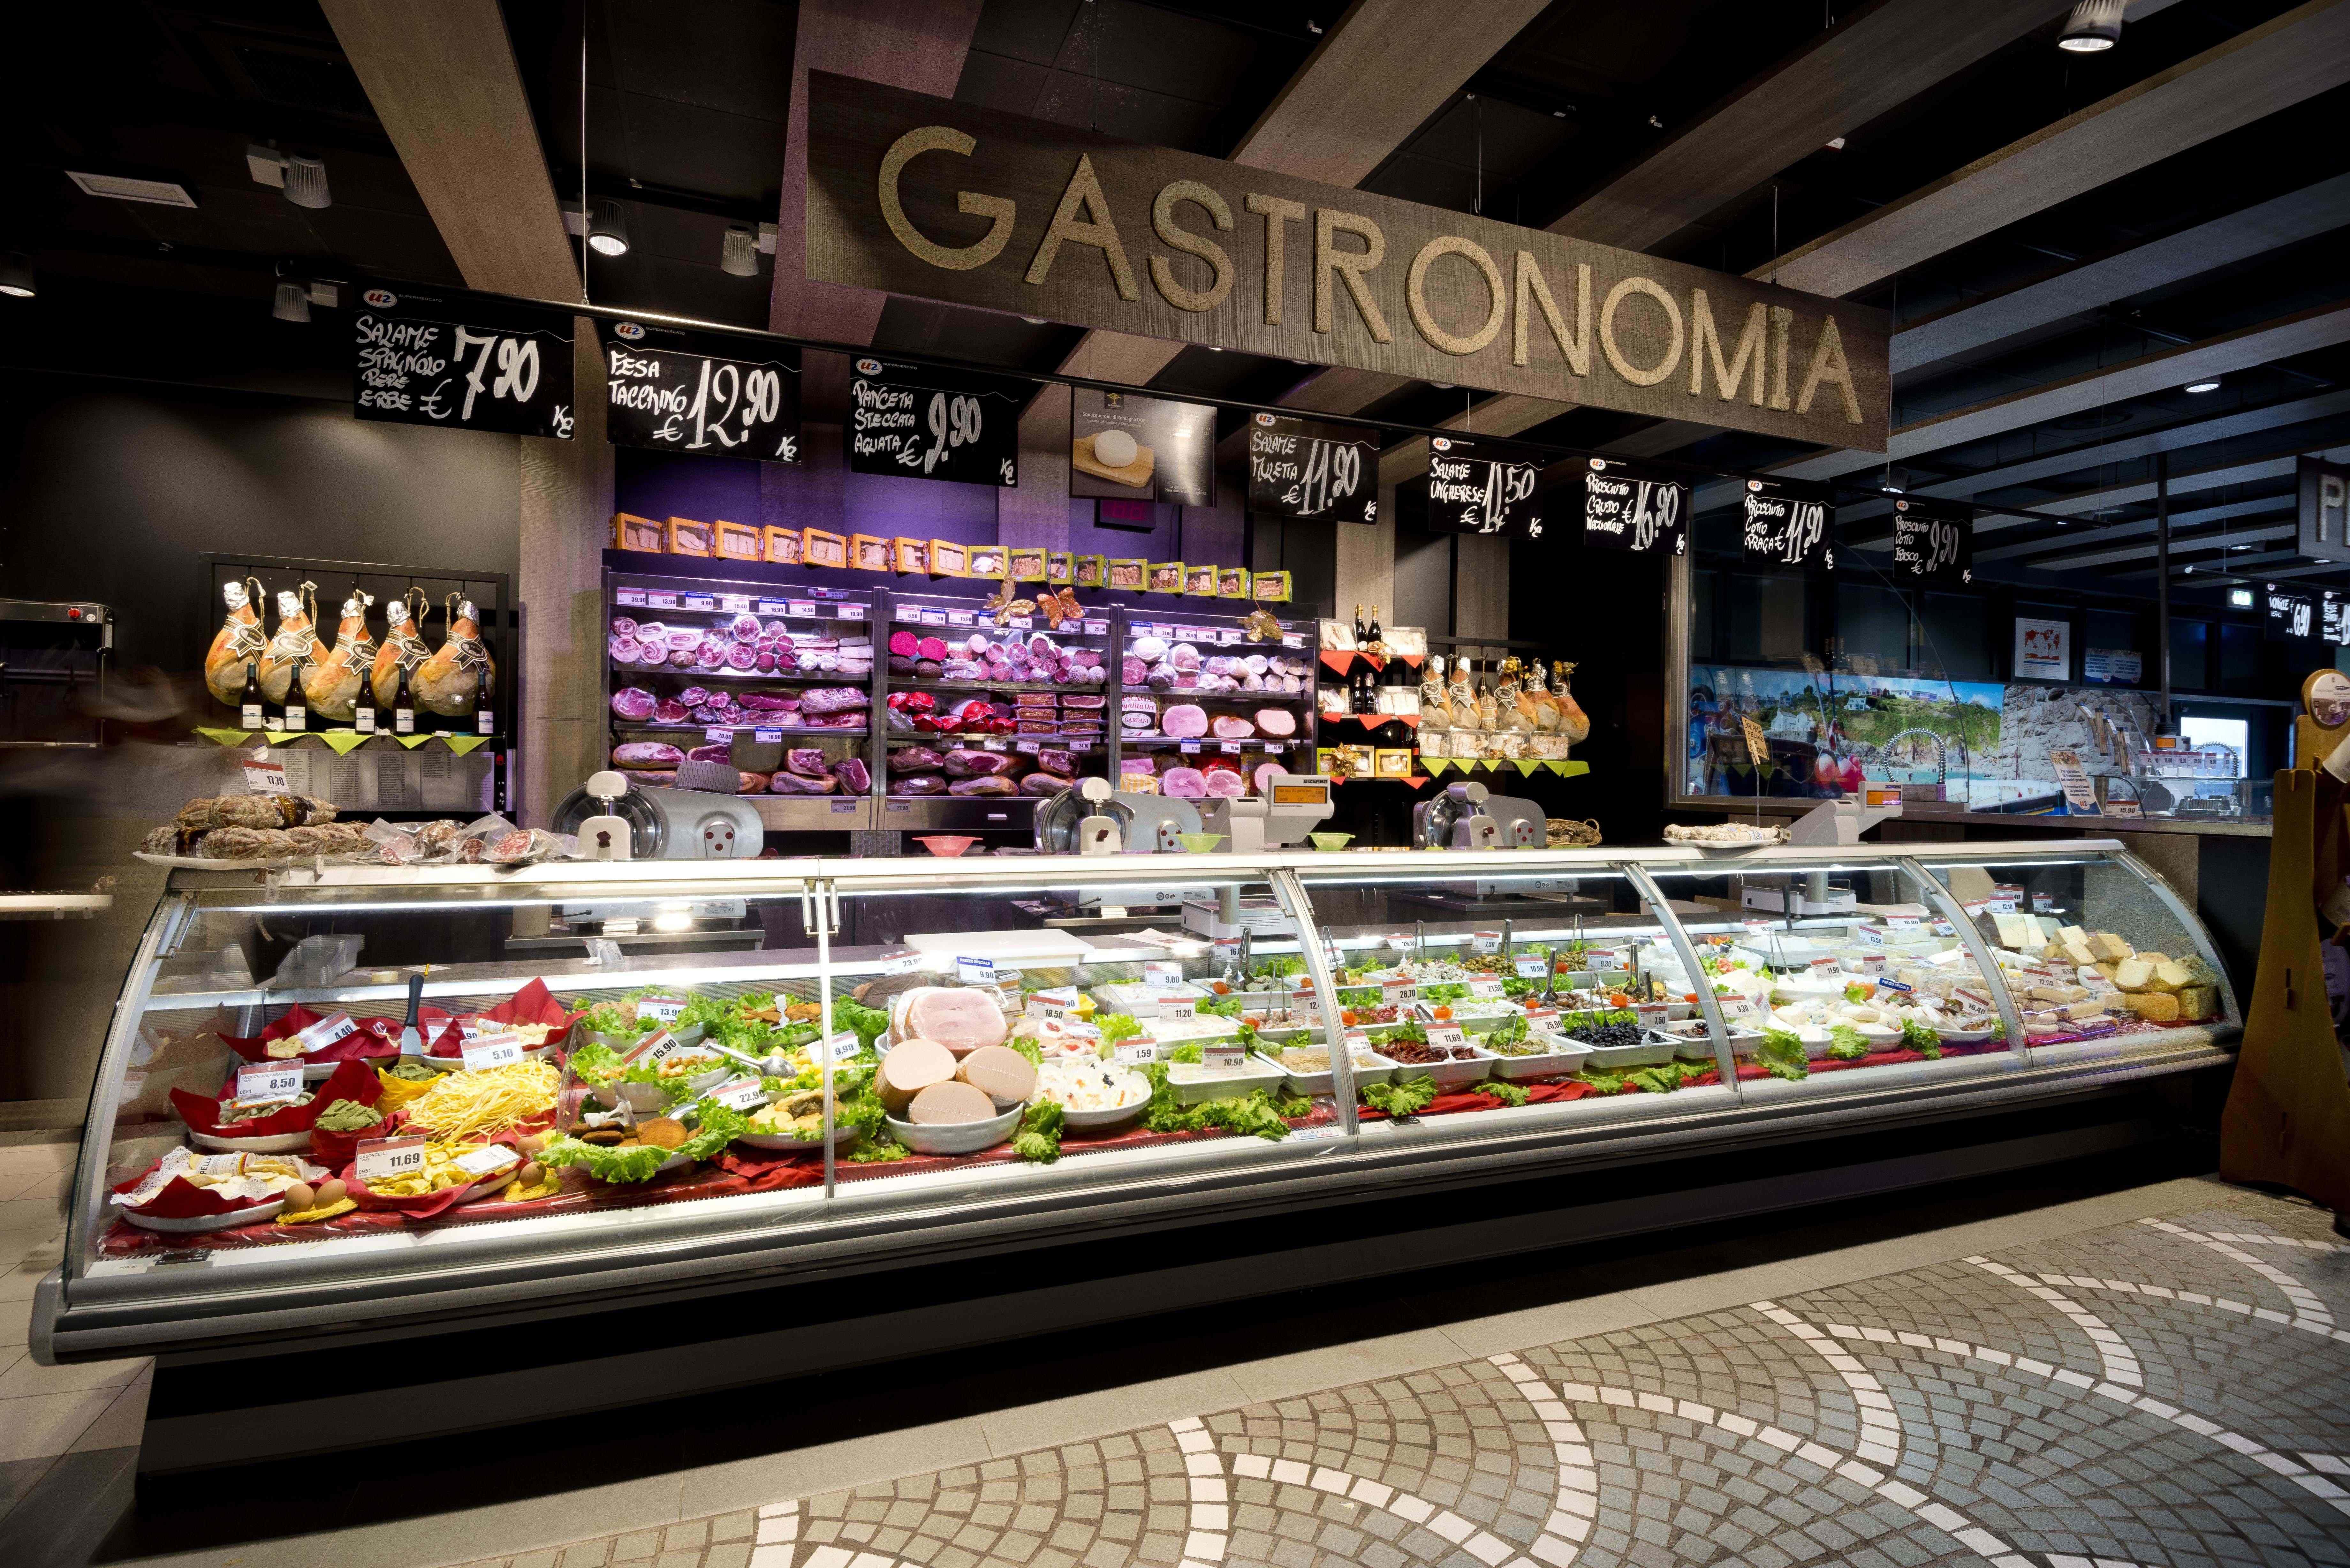 gastronomia_u2-supermercato-copia-copia